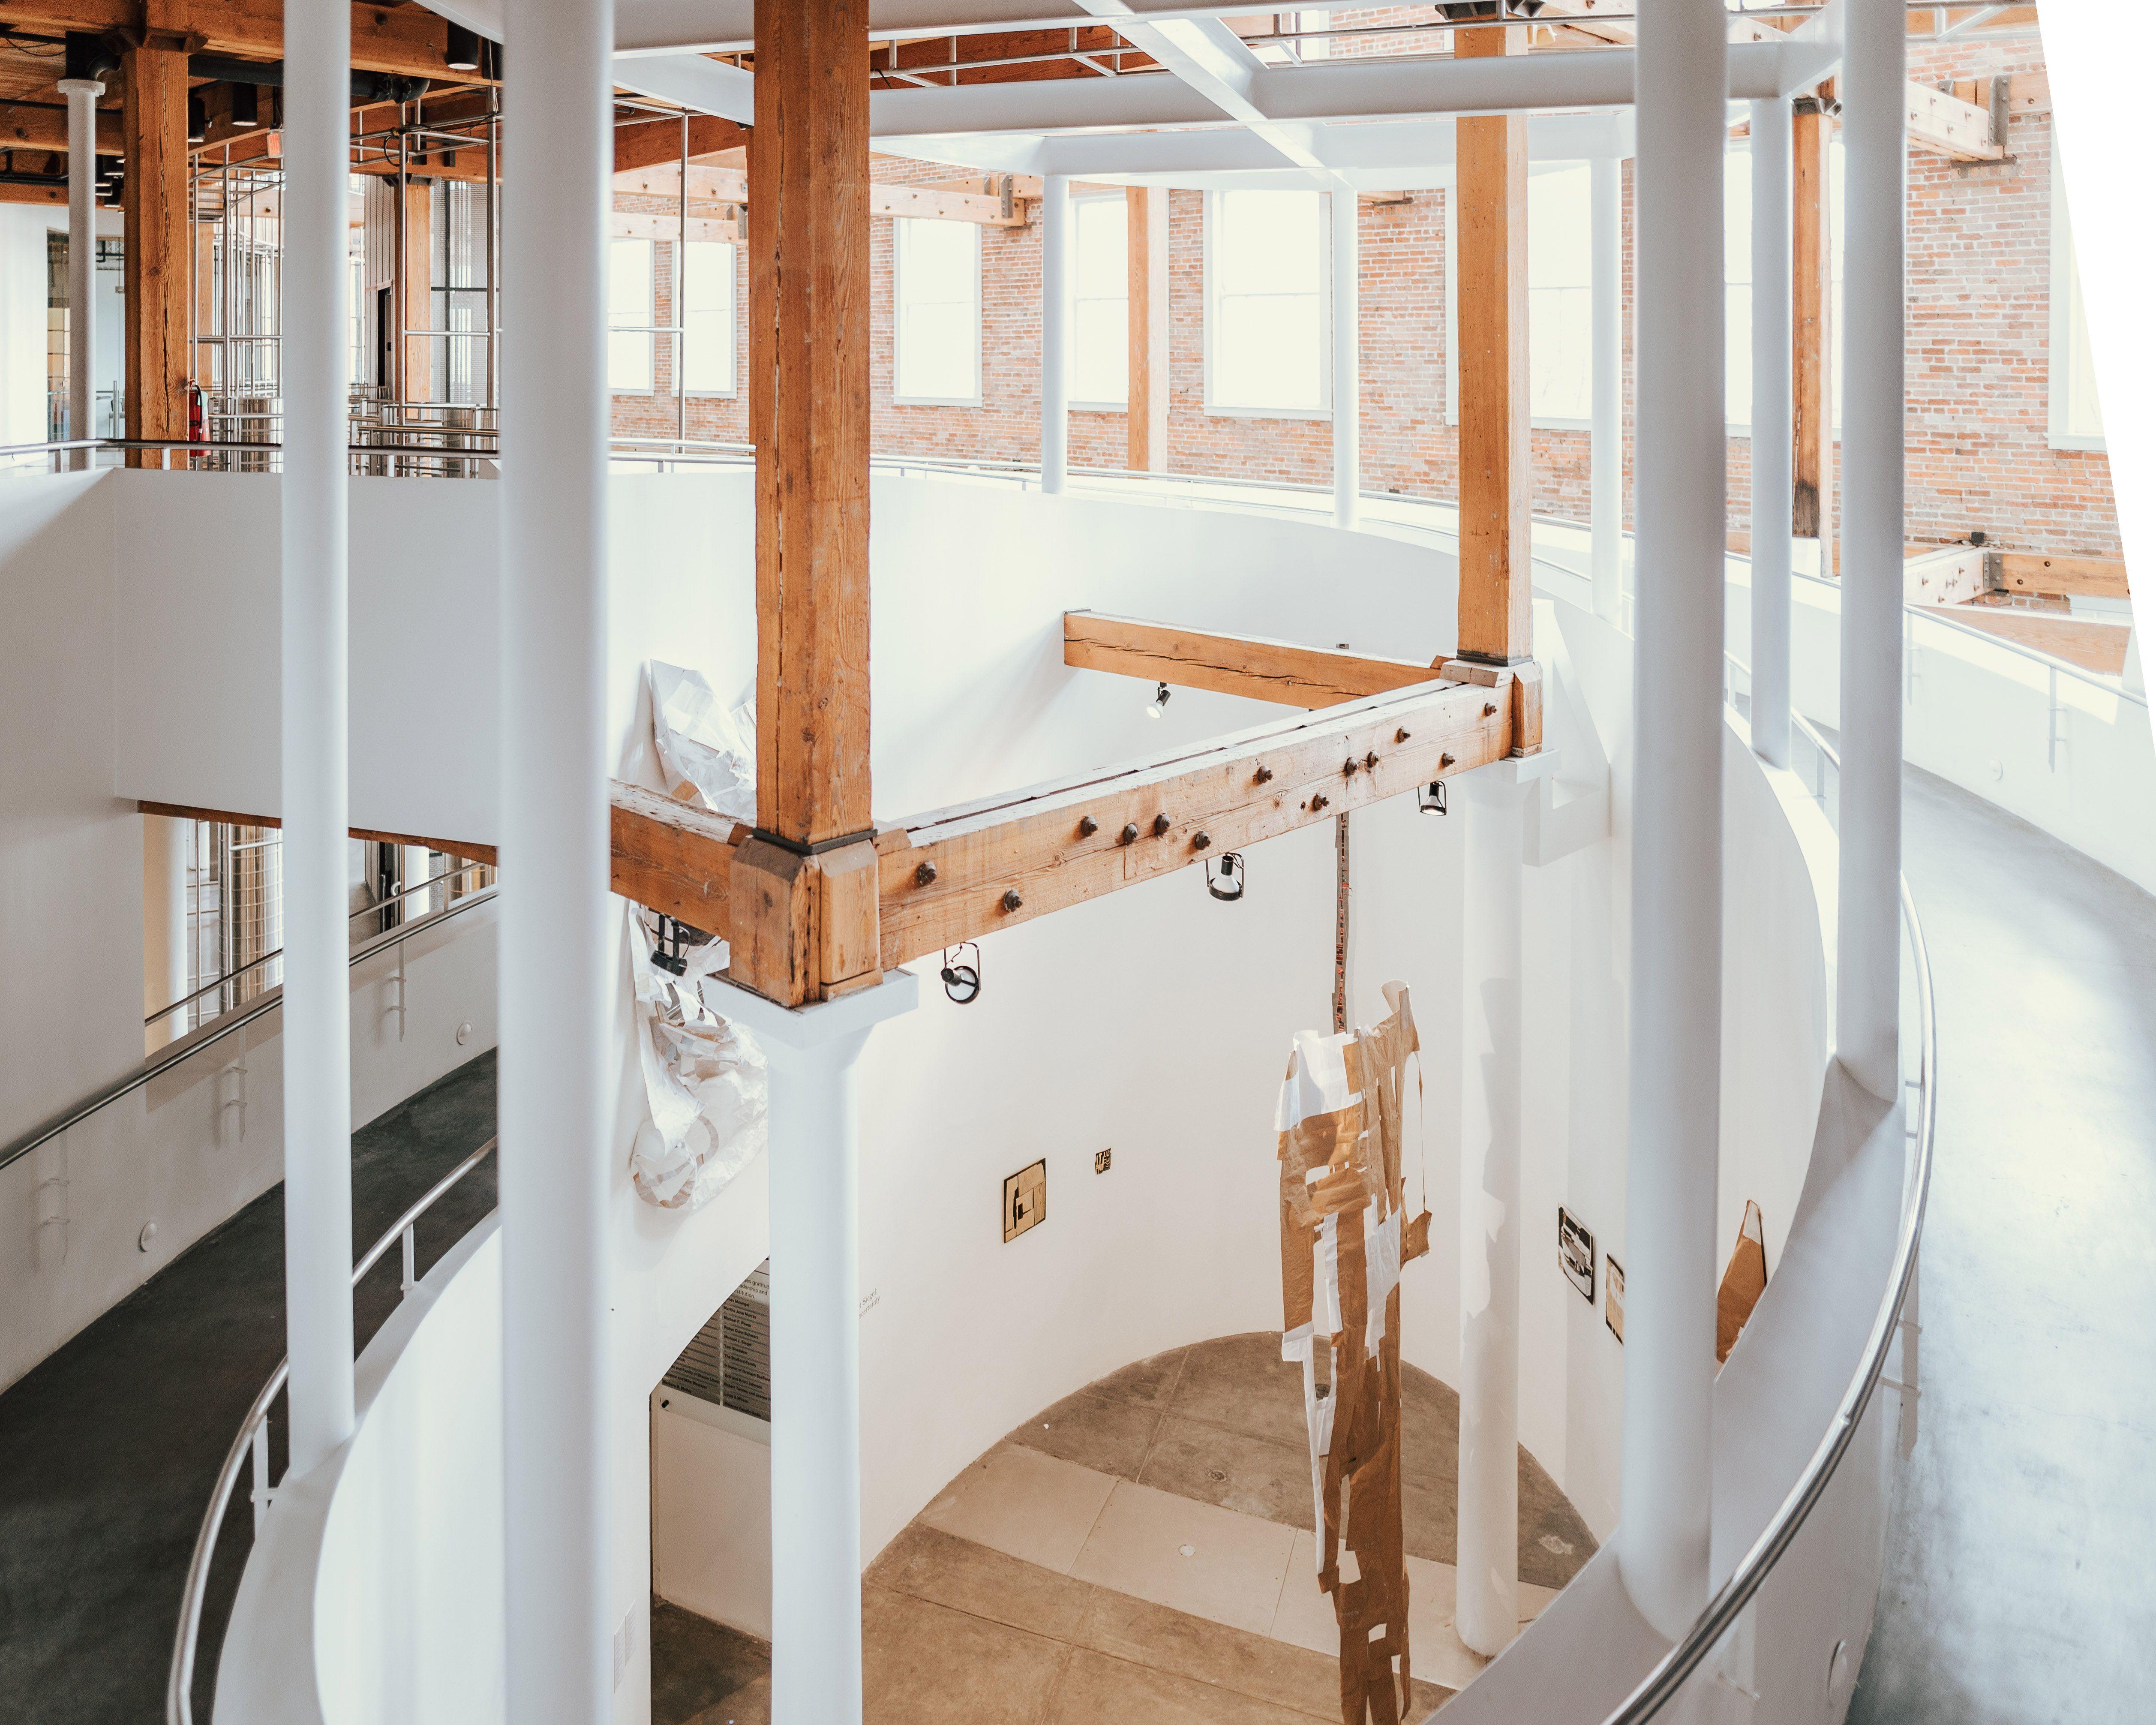 Inside the Contemporary Arts Center